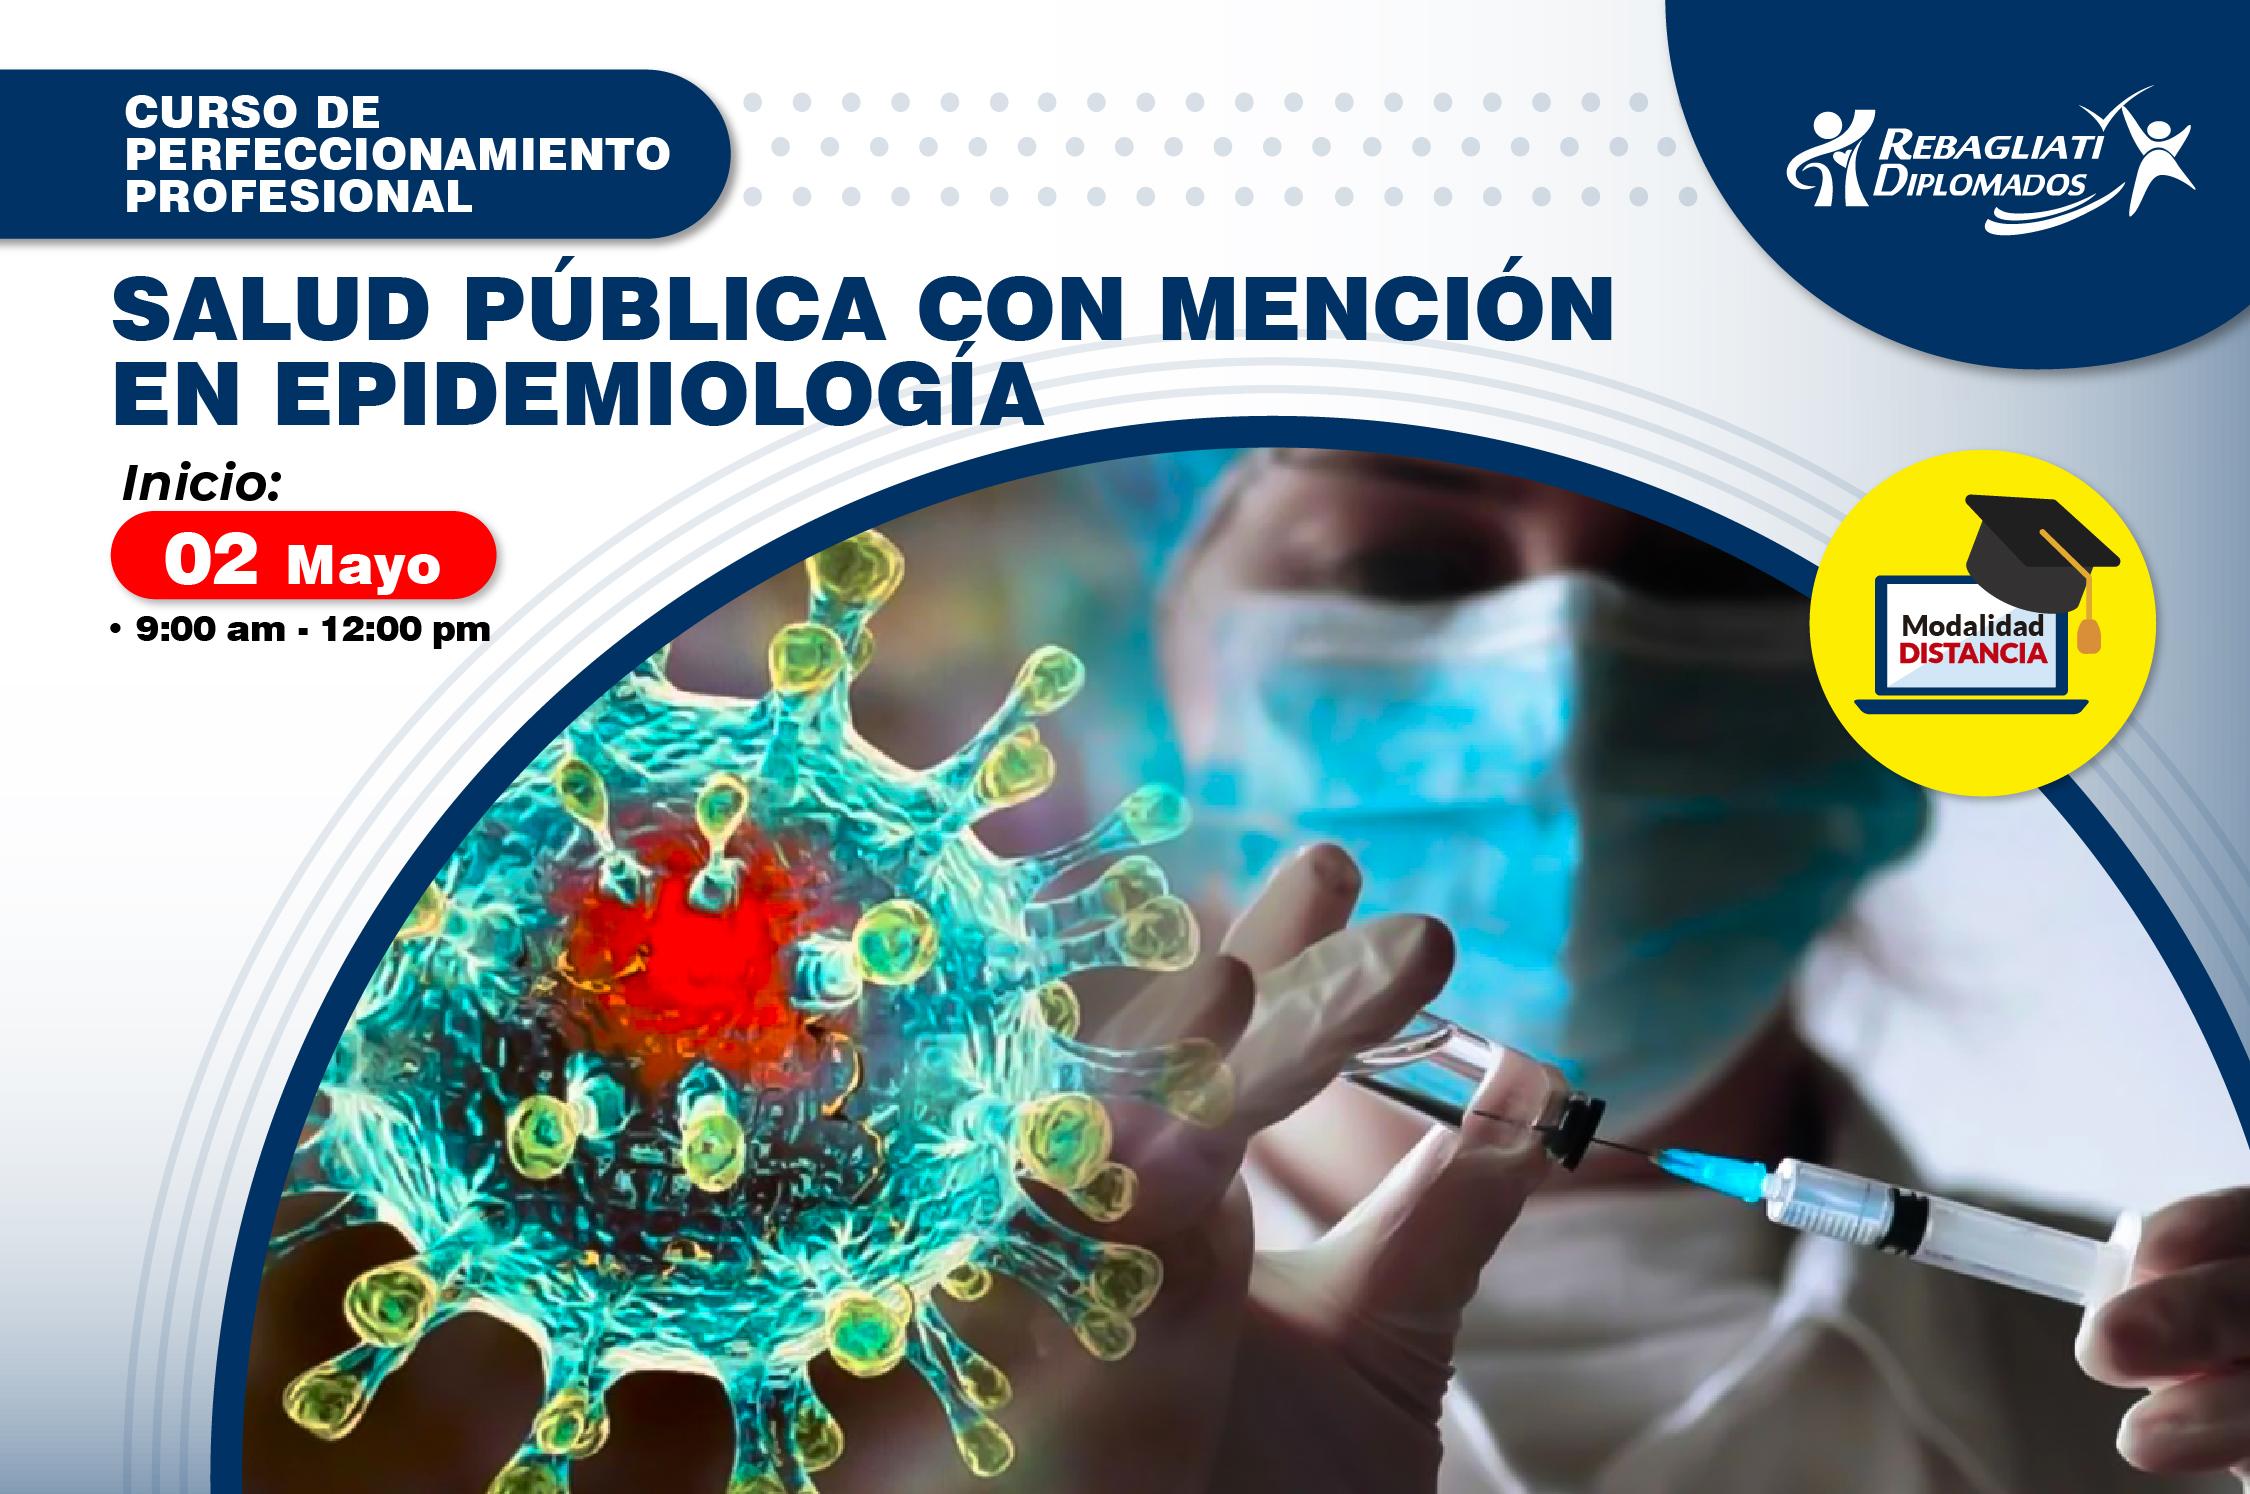 SALUD PÚBLICA CON MENCIÓN EN EPIDEMIOLOGÍA 2 DE MAYO 2021